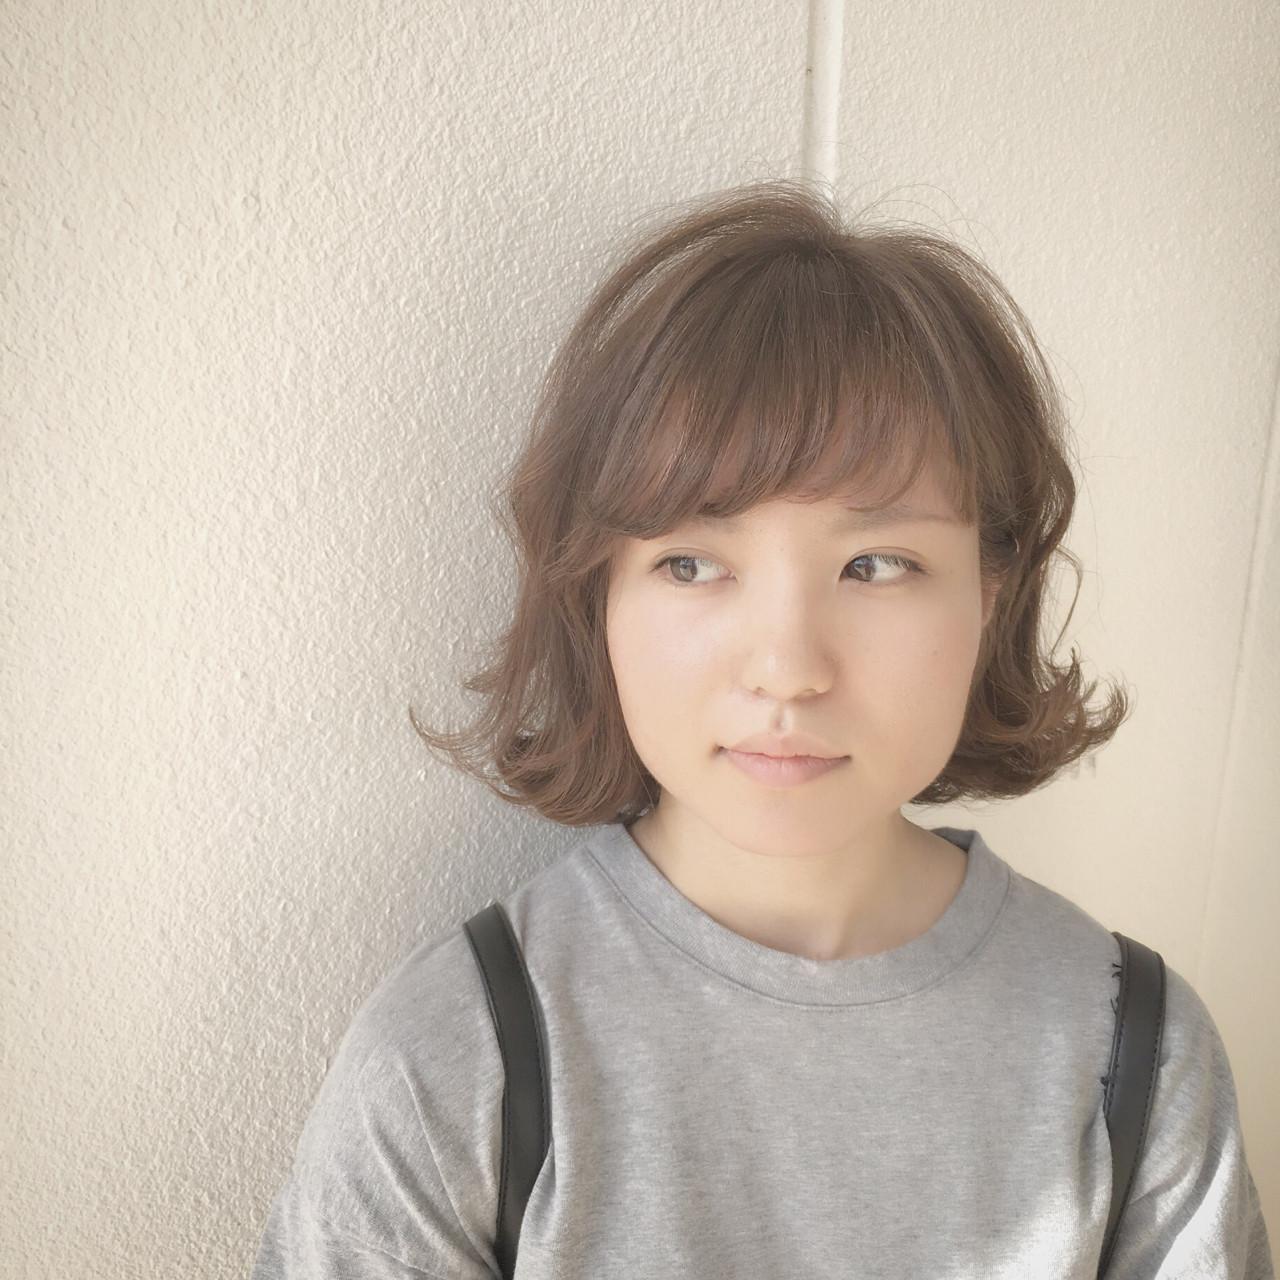 くせ毛風のナチュラル前髪ありボブ Yuuta Asato